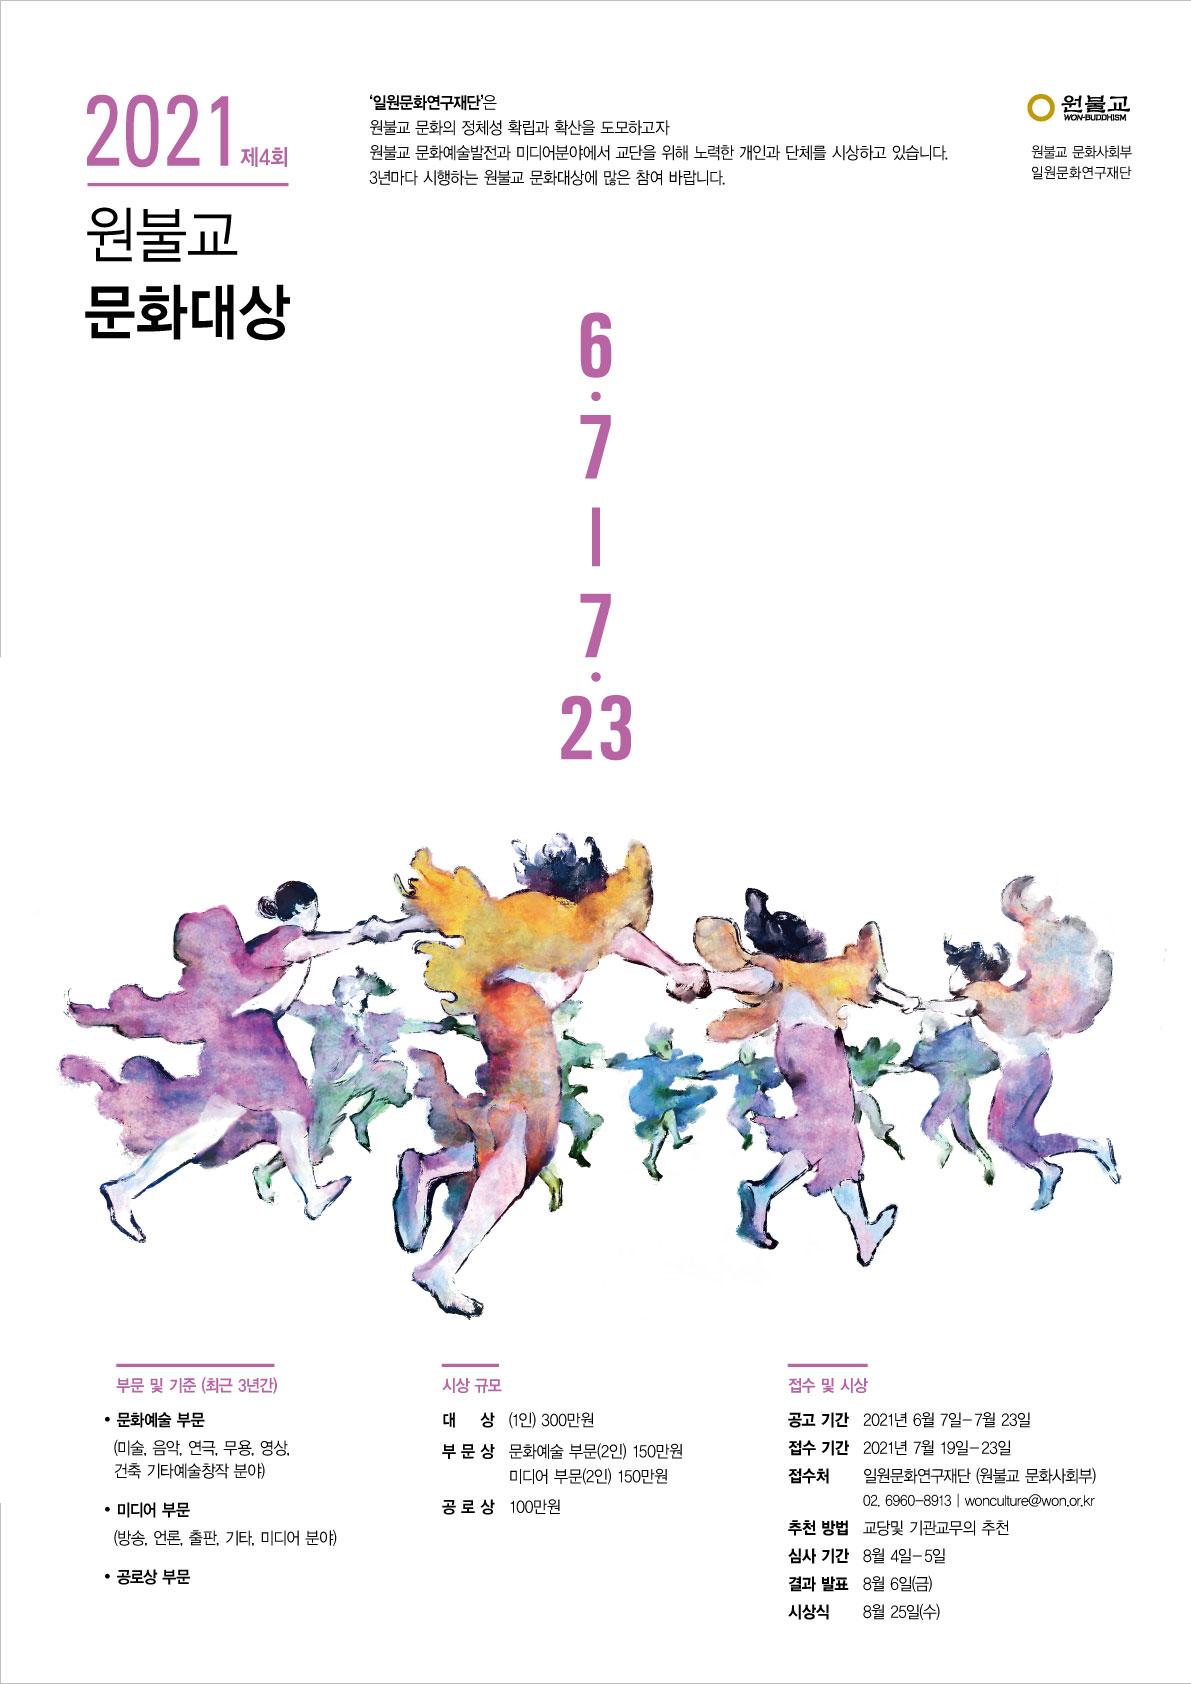 제4회 원불교 문화대상 포스터.jpg